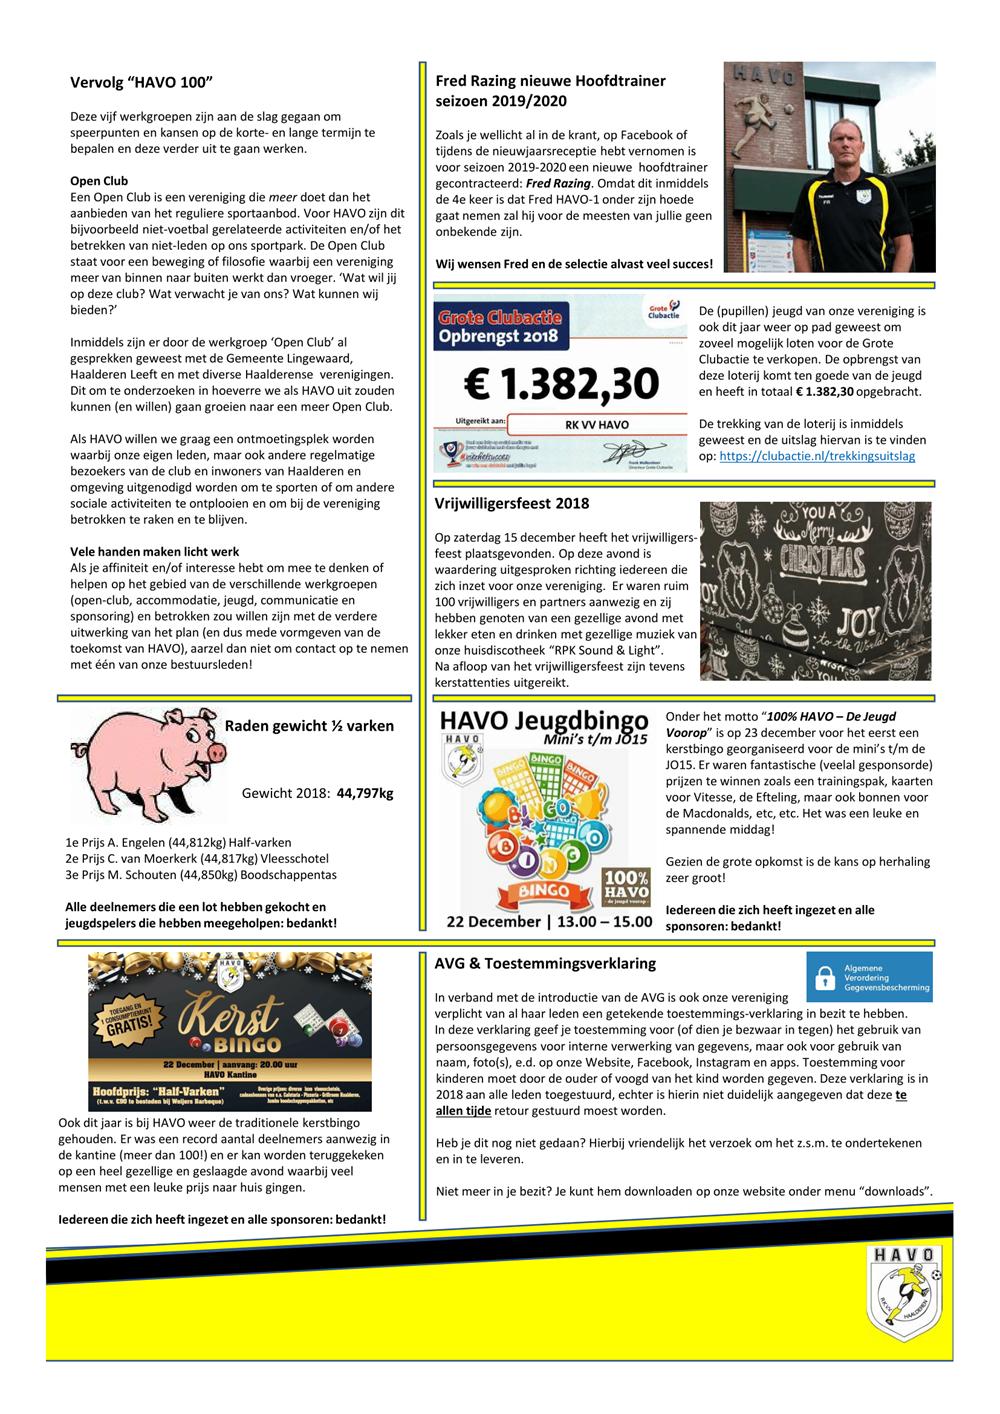 HAVO_Nieuwsbrief_2019_1-2.png